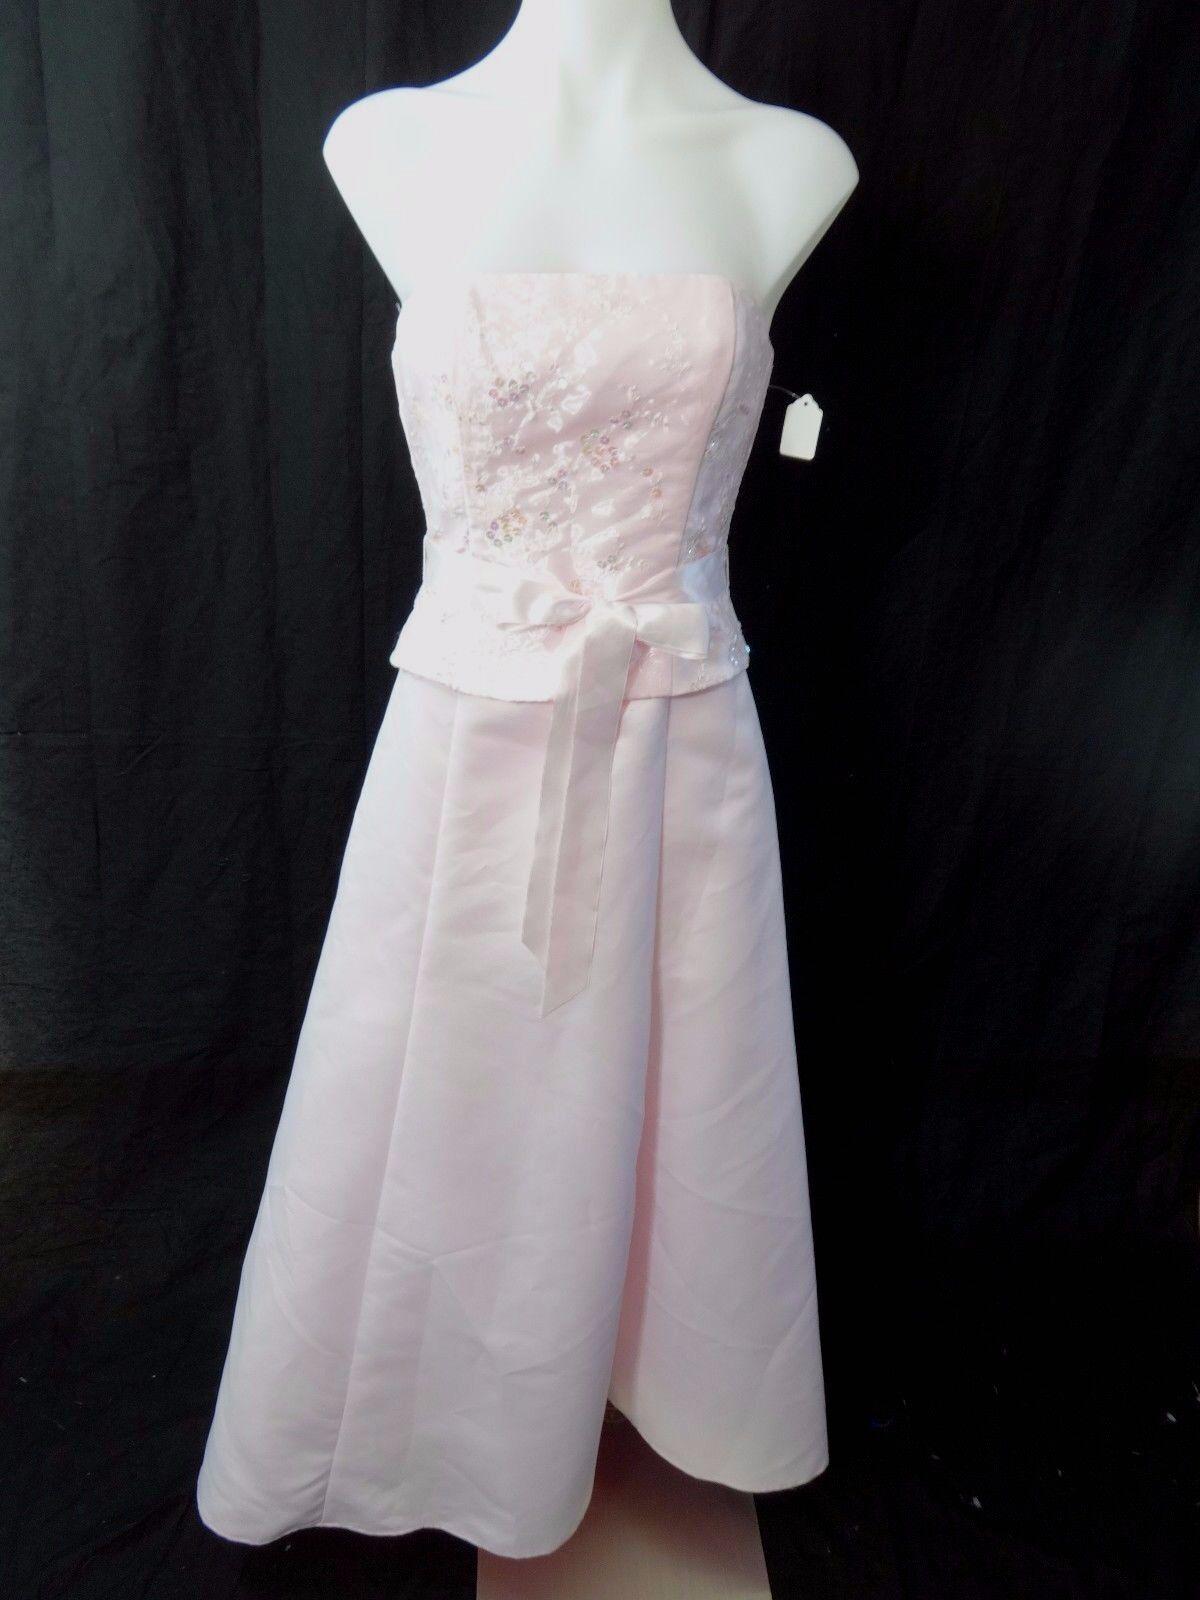 details zu jessica mcclintock gunne sax damen rosa satin perlen festliches  kleid größe 3/4